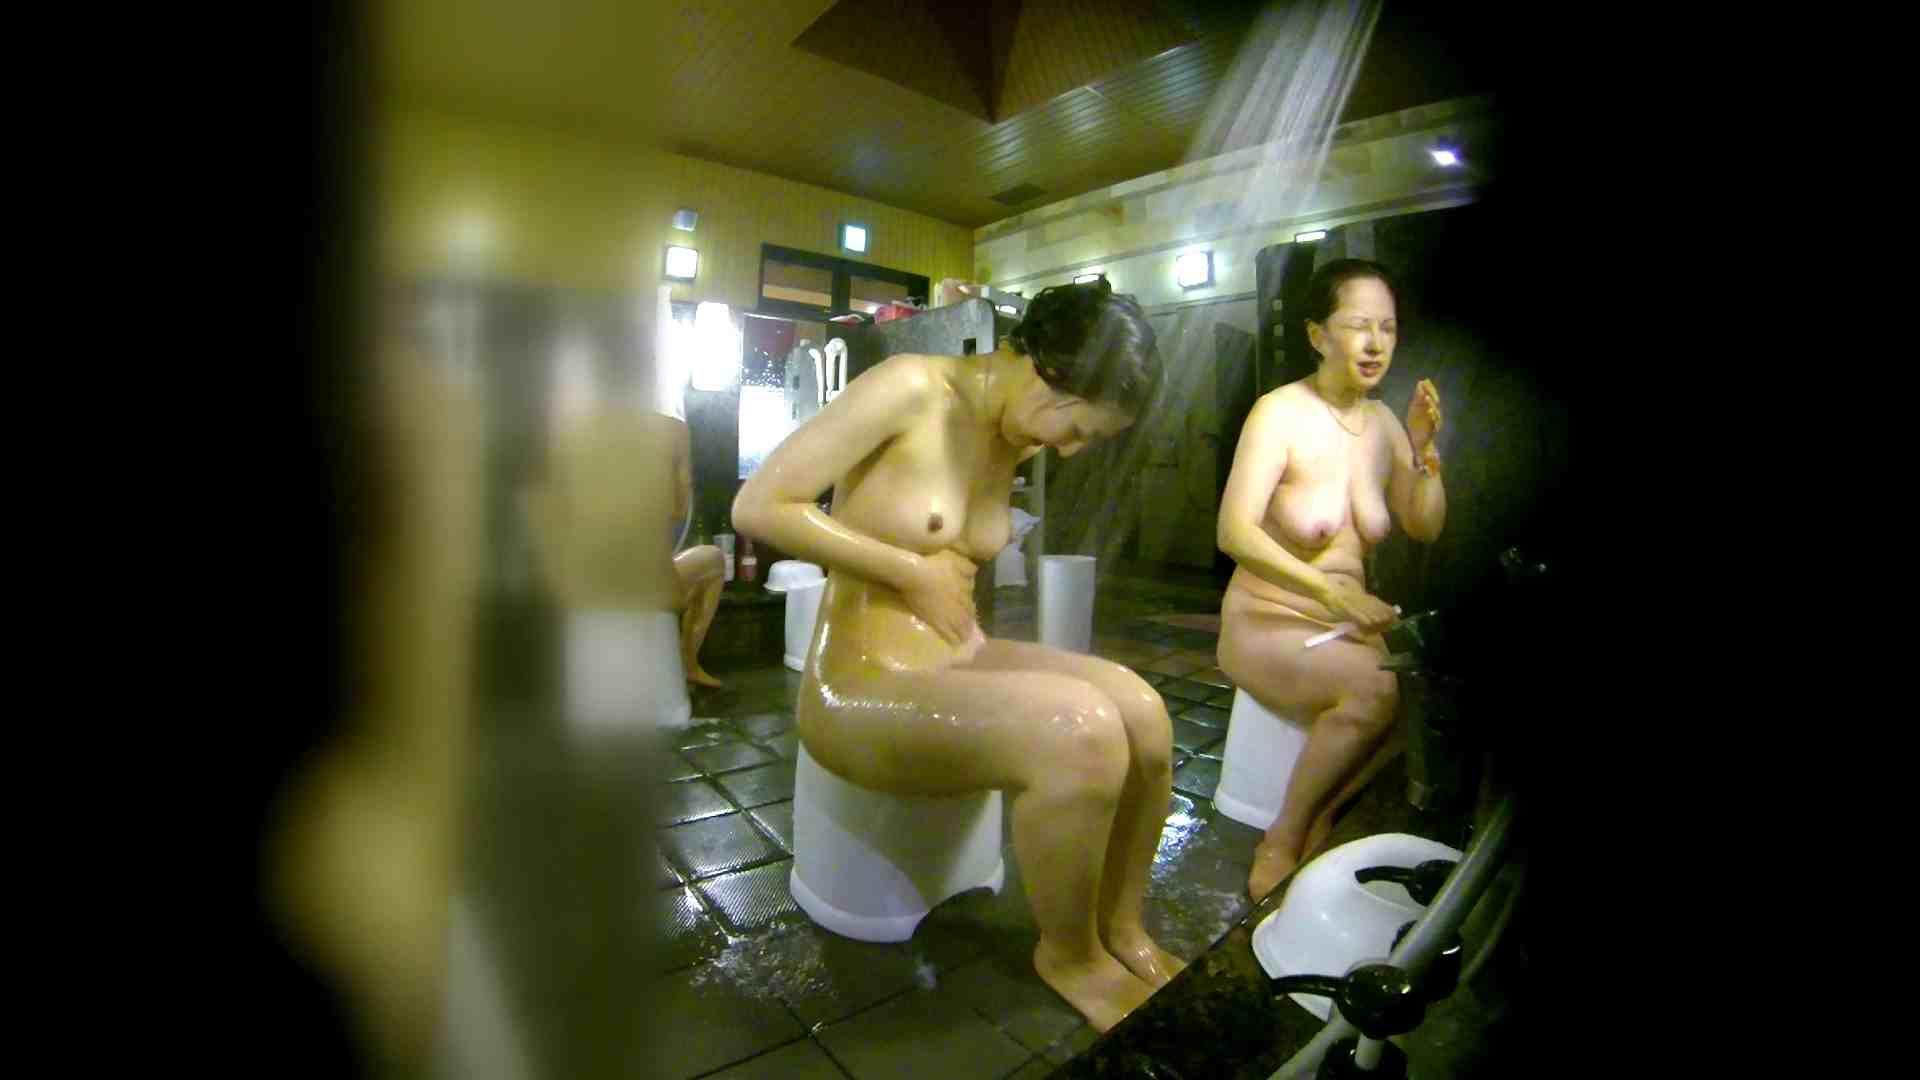 洗い場!右足の位置がいいですね。陰毛もっさり! 細身・スレンダー 戯れ無修正画像 74画像 39